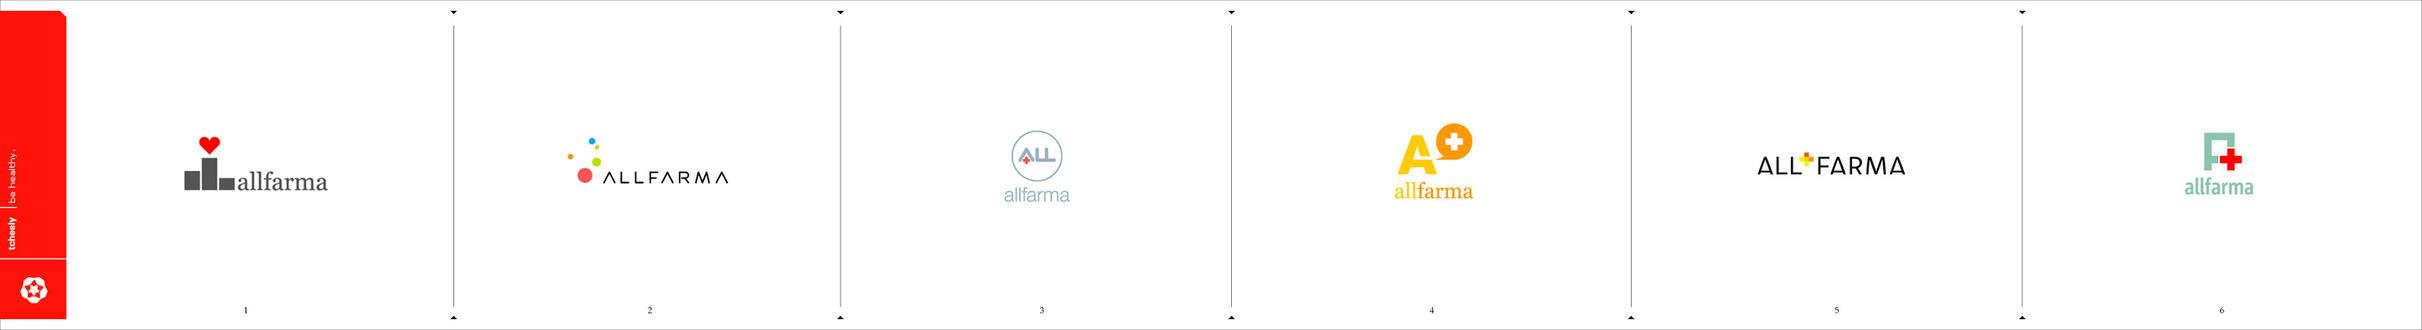 Allfarma logo by Tcheely